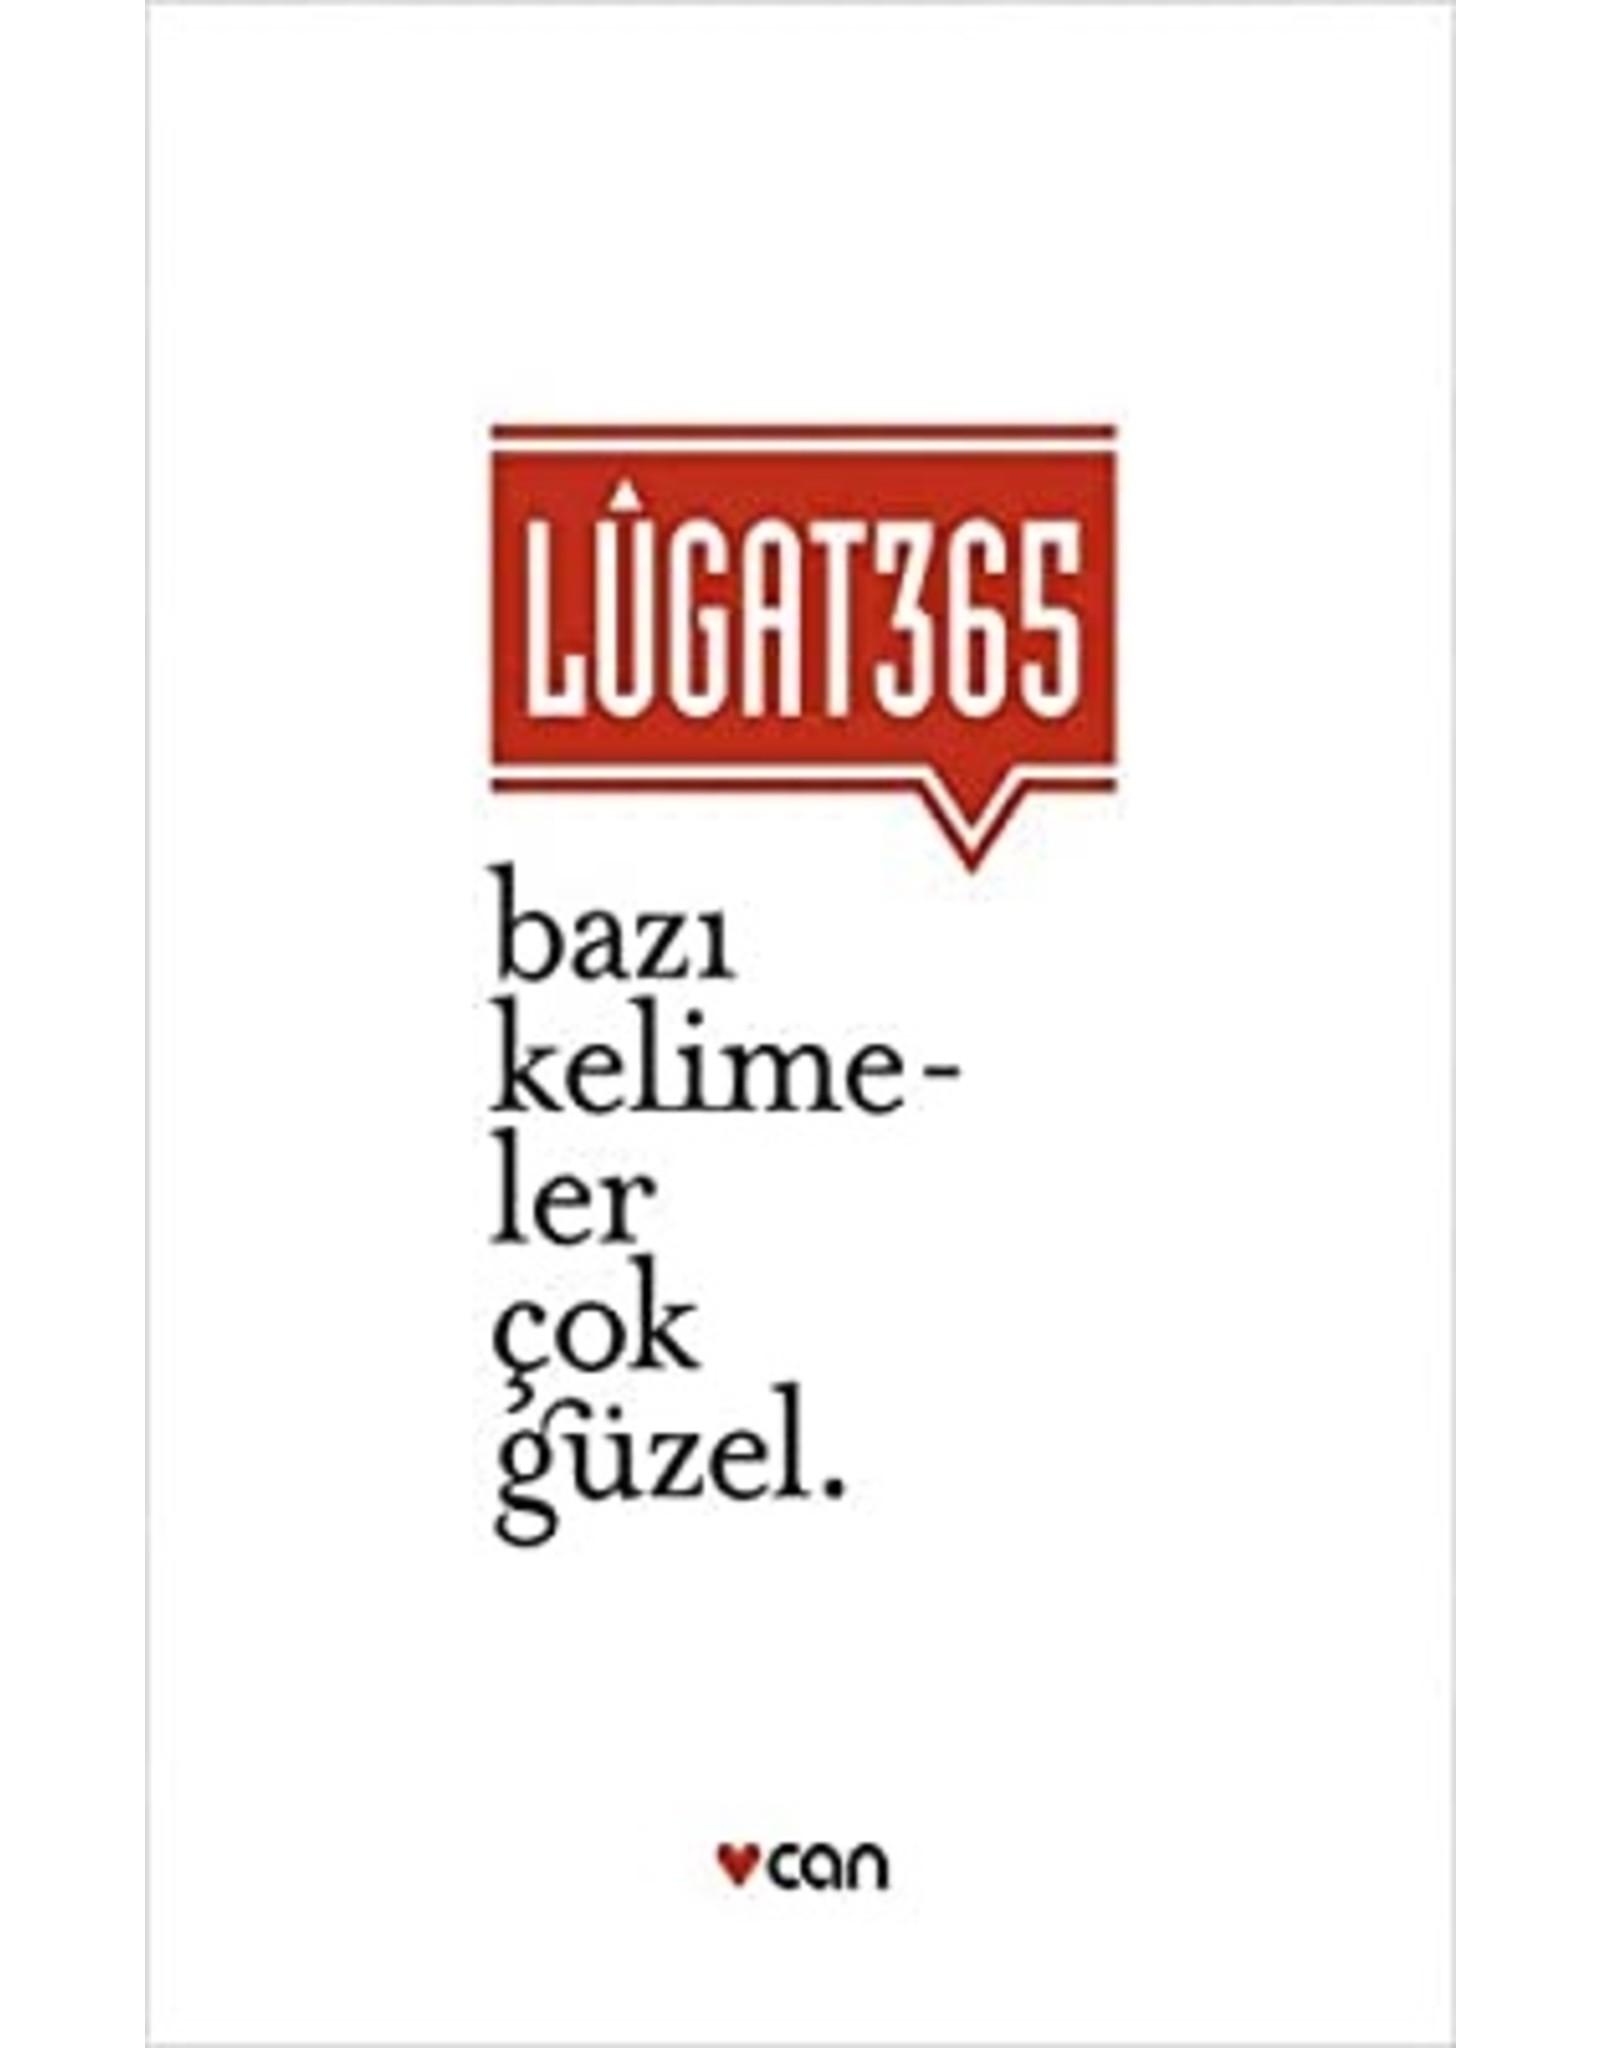 Lugat 365  Bazı Kelimeler Çok Güzel